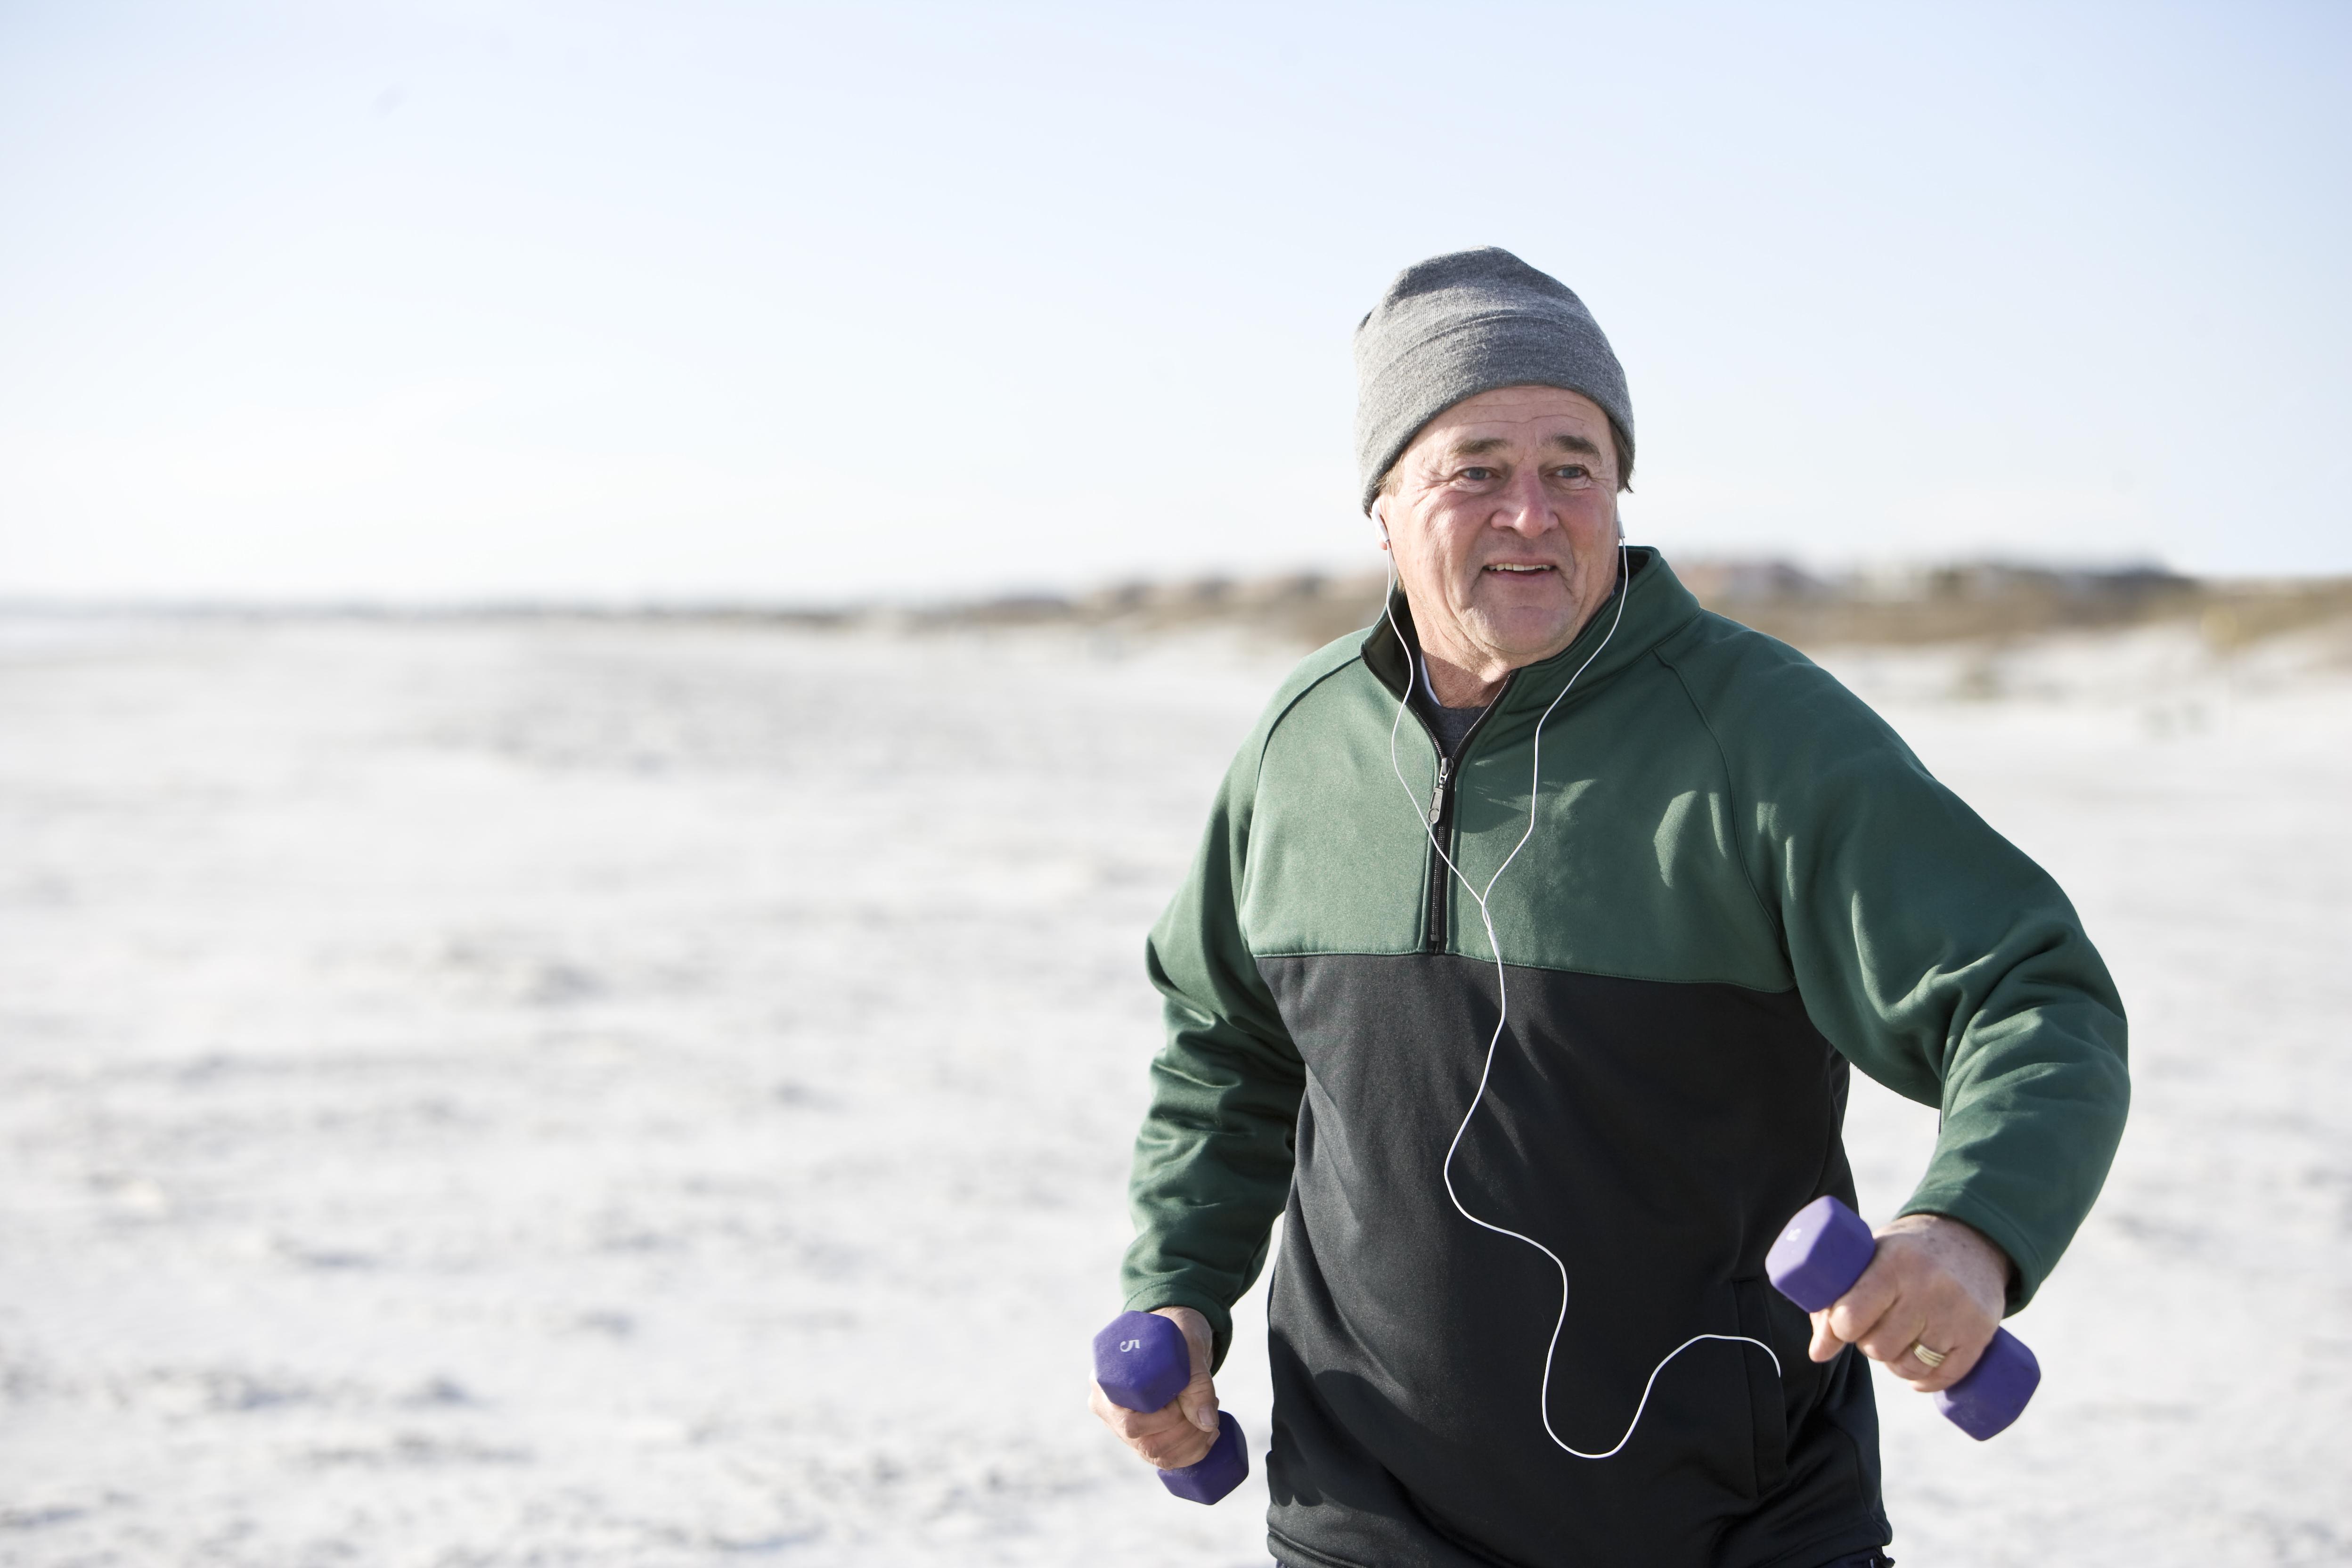 Längre promenader minskade risken för hjärt-kärlsjukdom.